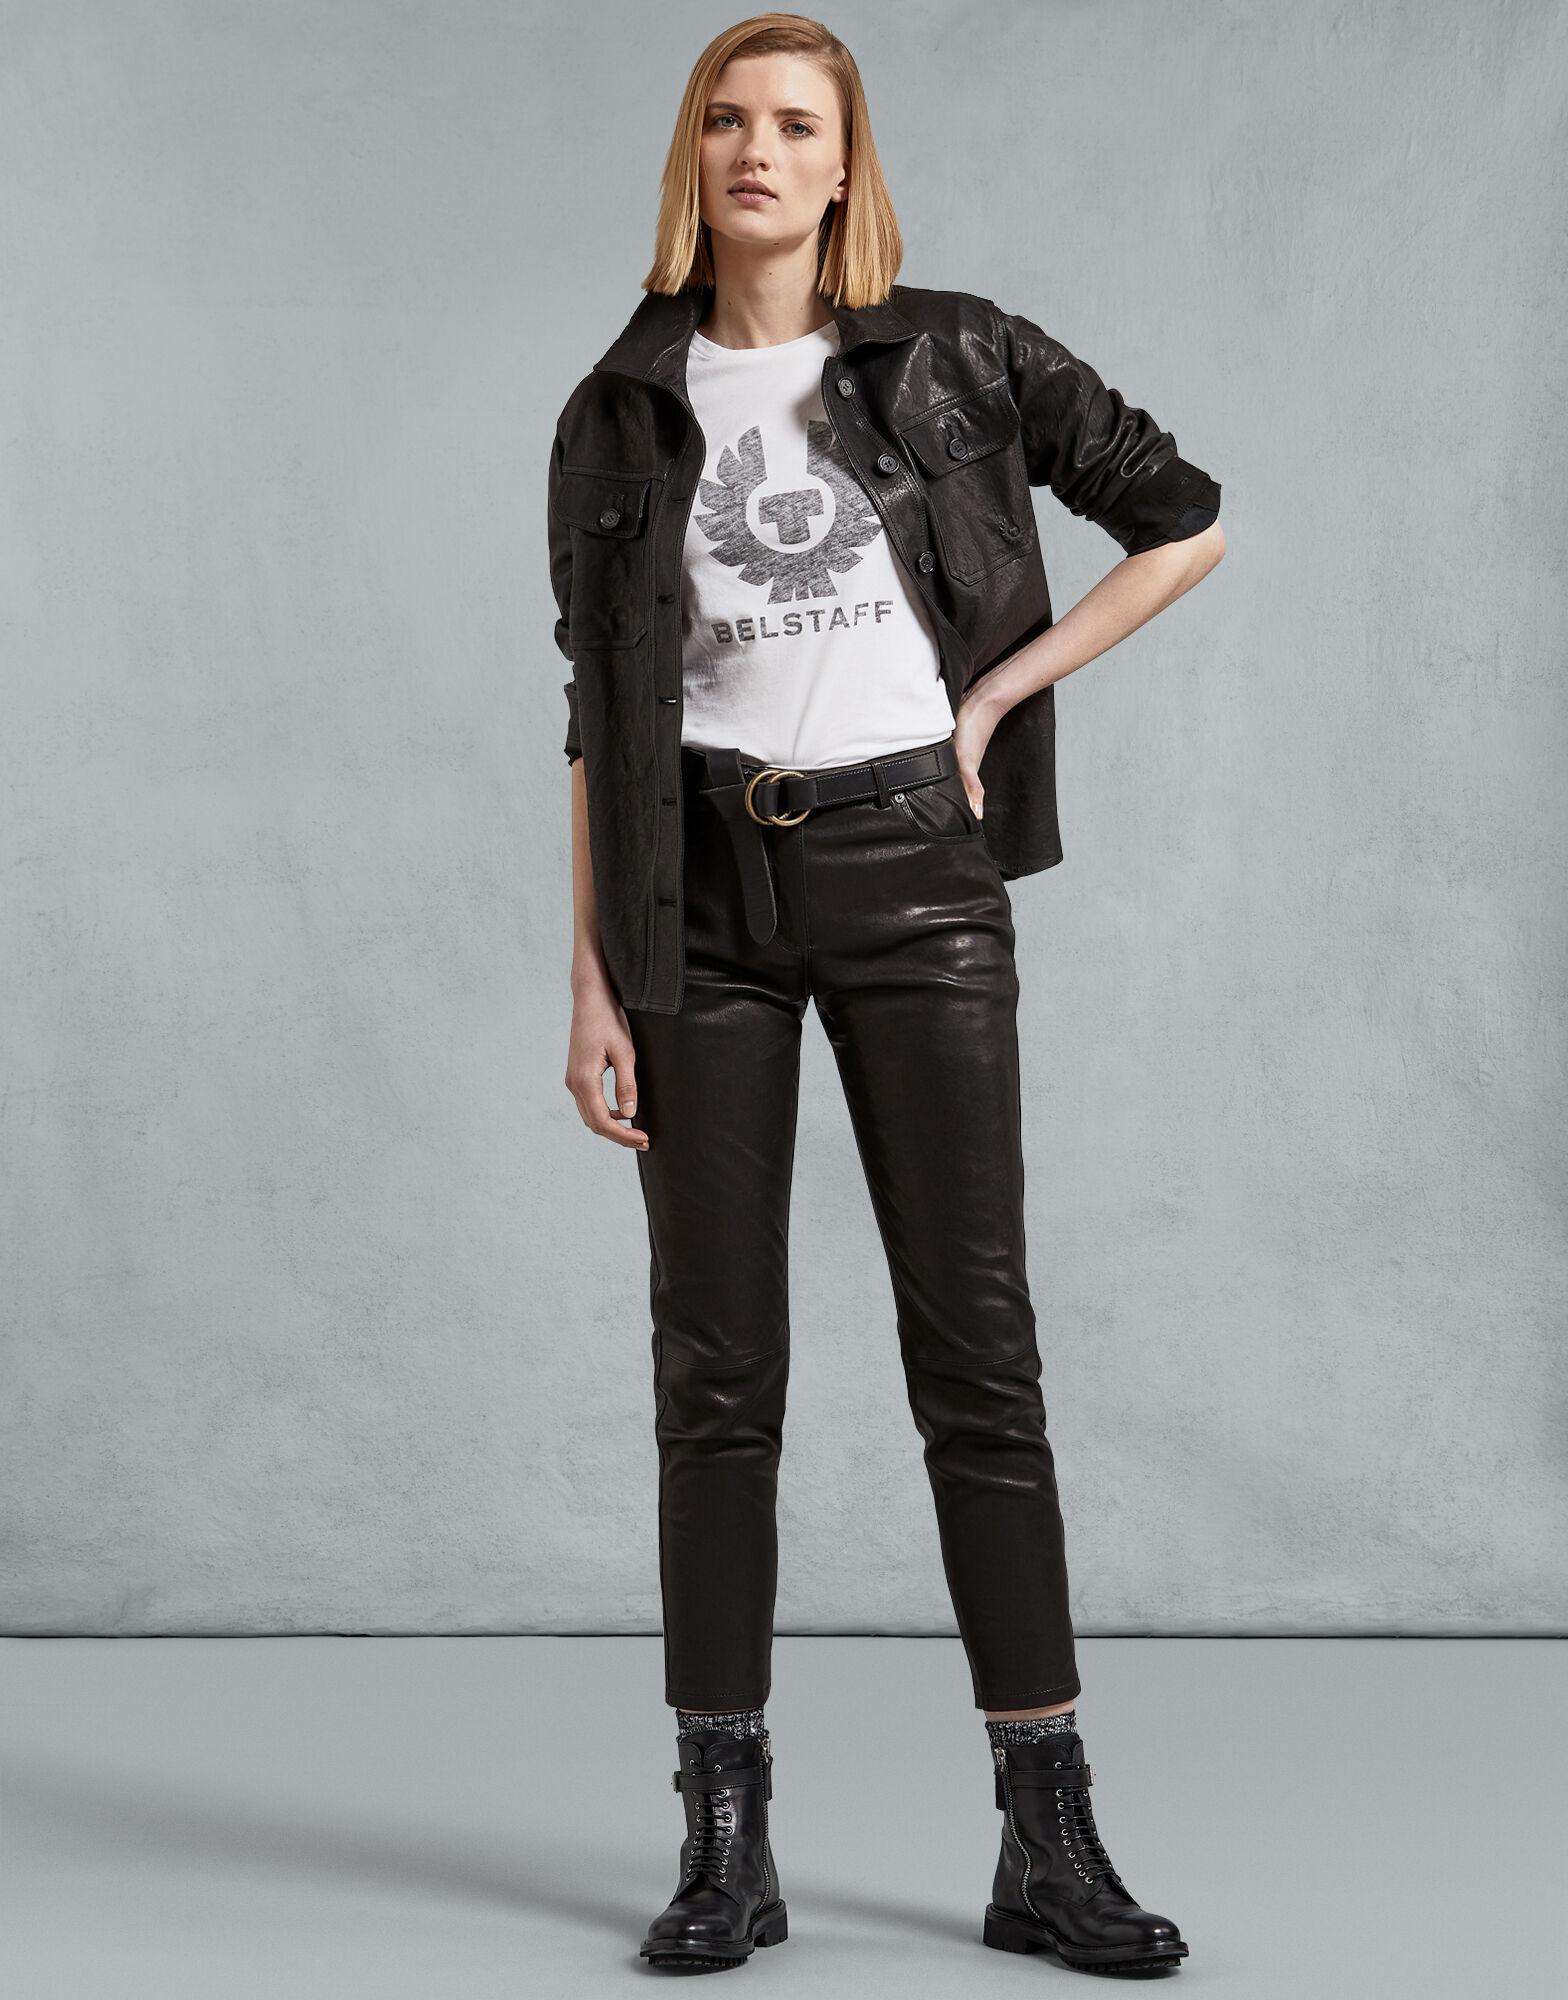 'Mariola Phoenix' T-Shirt aus leichtem, weichem Baumwolljersey ist ein klassisches Basic. Das schlichte Design mit kurzen Ärmeln und Rundhalsausschnitt überzeugt durch seinen durchscheinenden Belstaff Phönix-Print